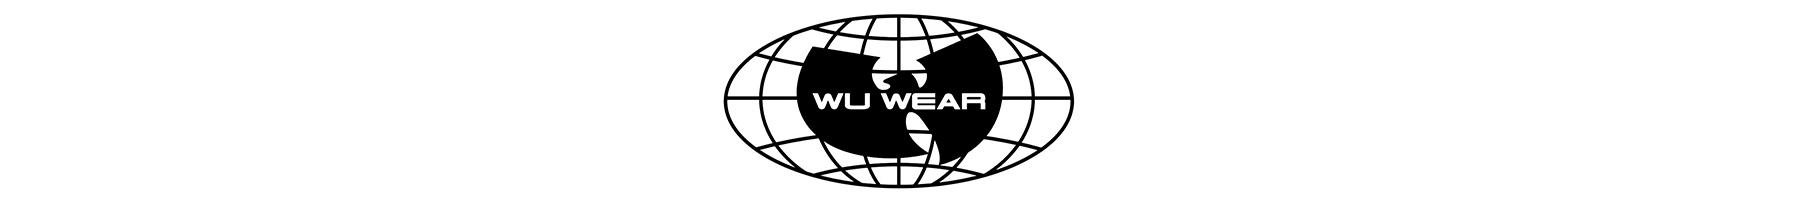 DrJays.com - Wu Wear